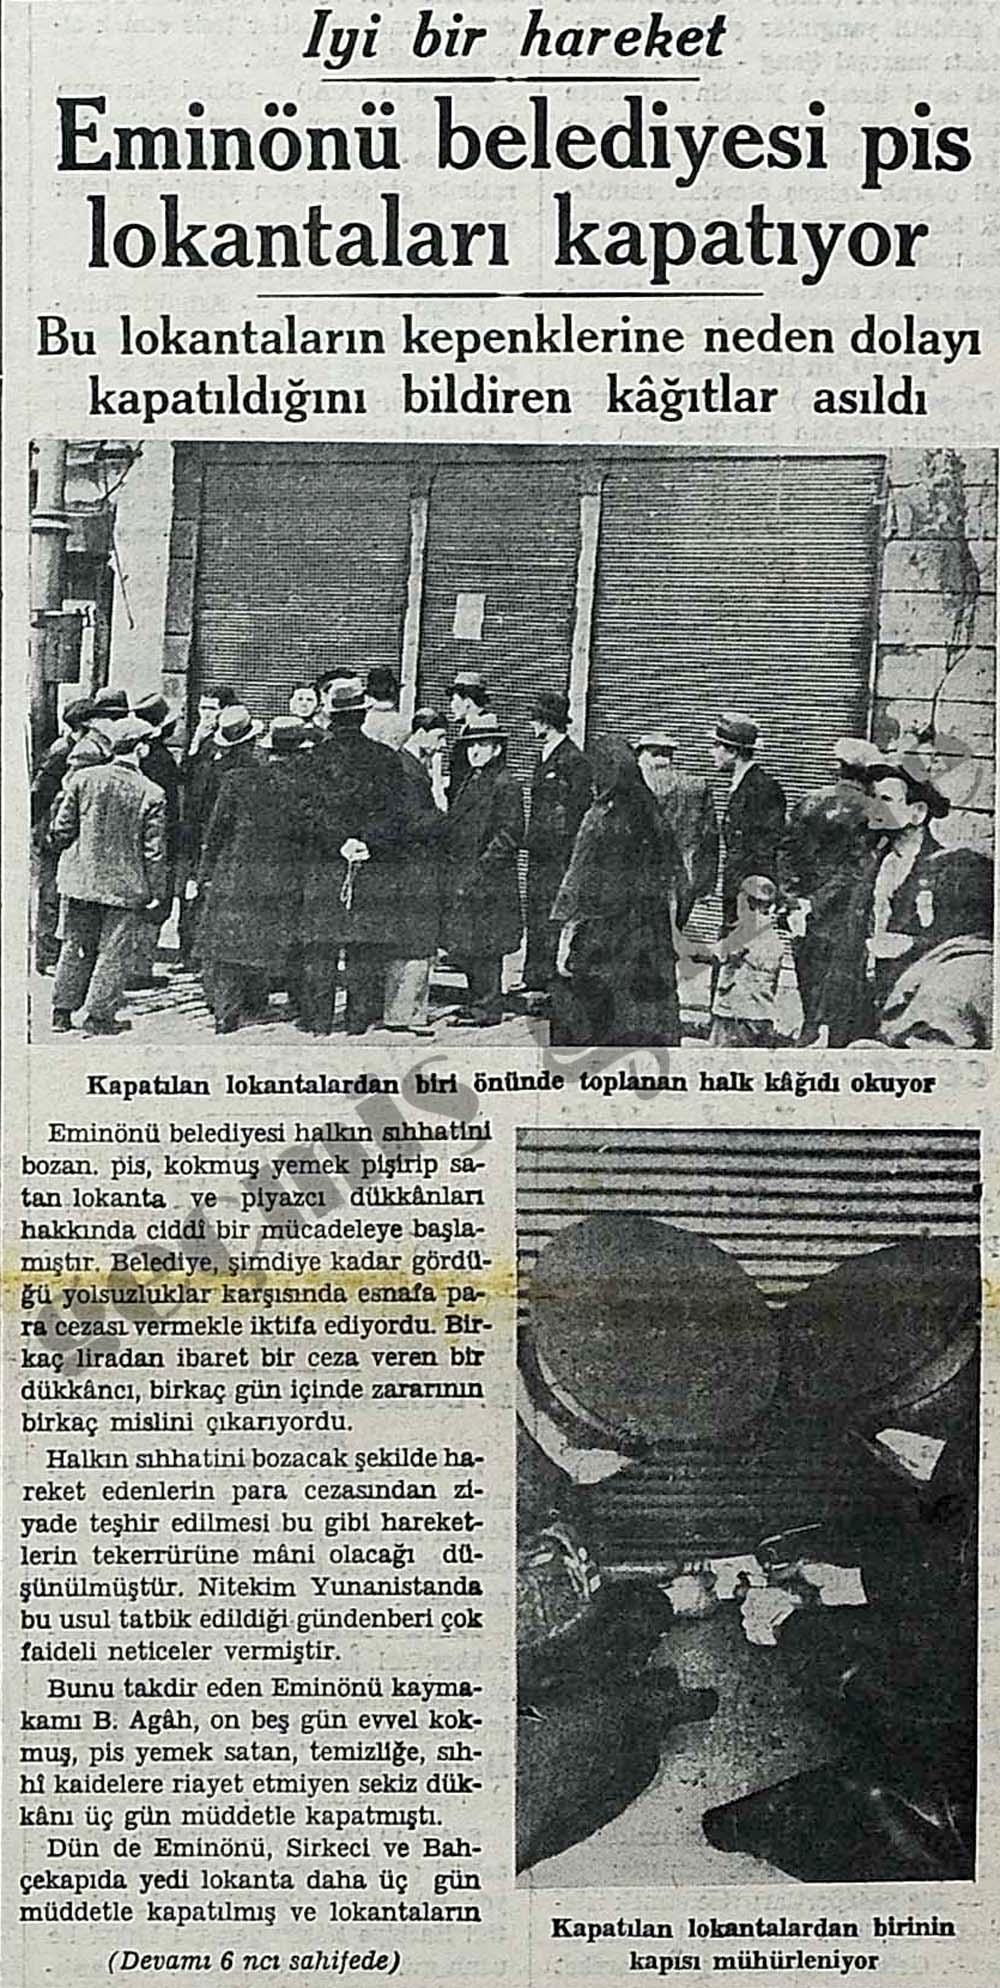 Eminönü belediyesi pis lokantaları kapatıyor